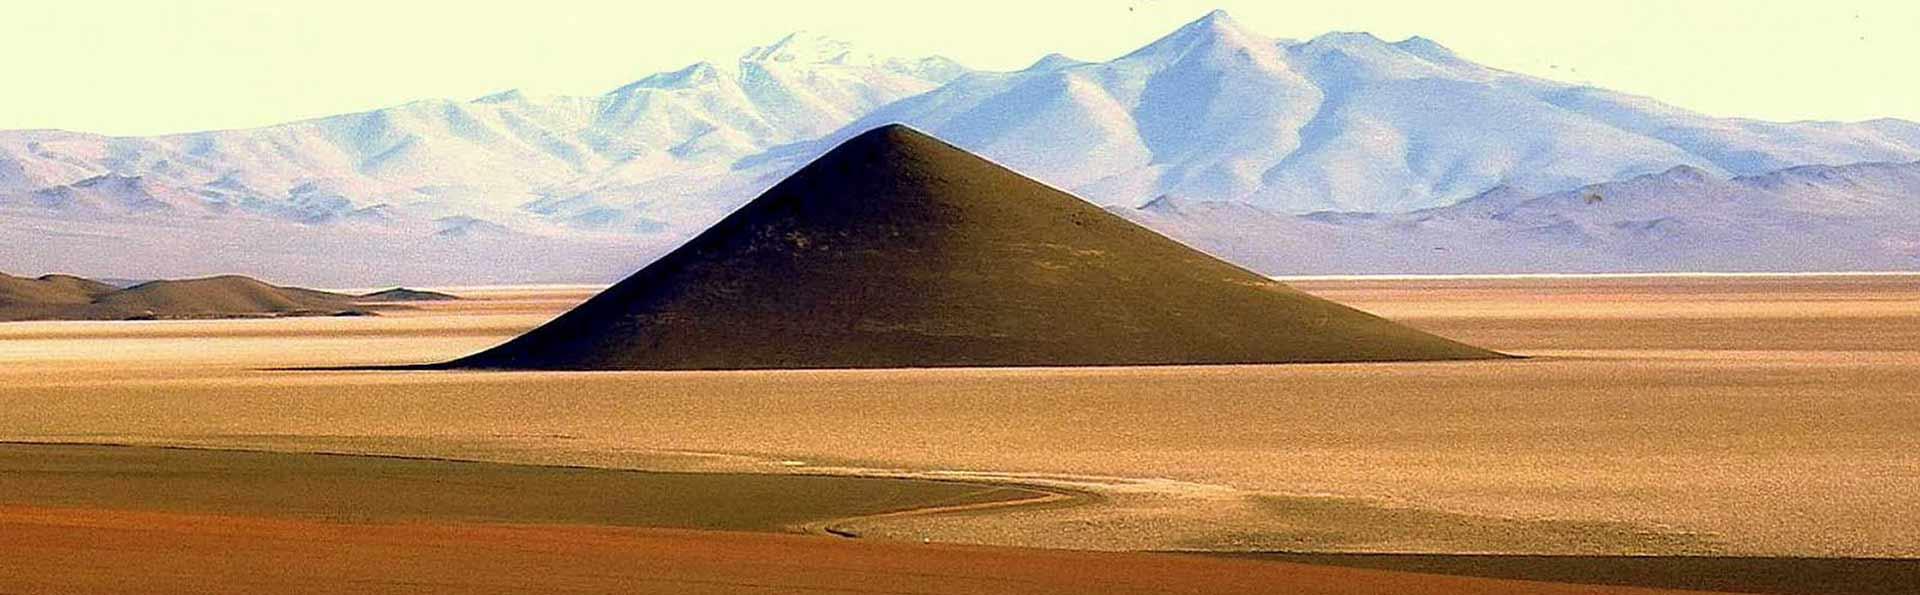 Viaggi personalizzati in Argentina